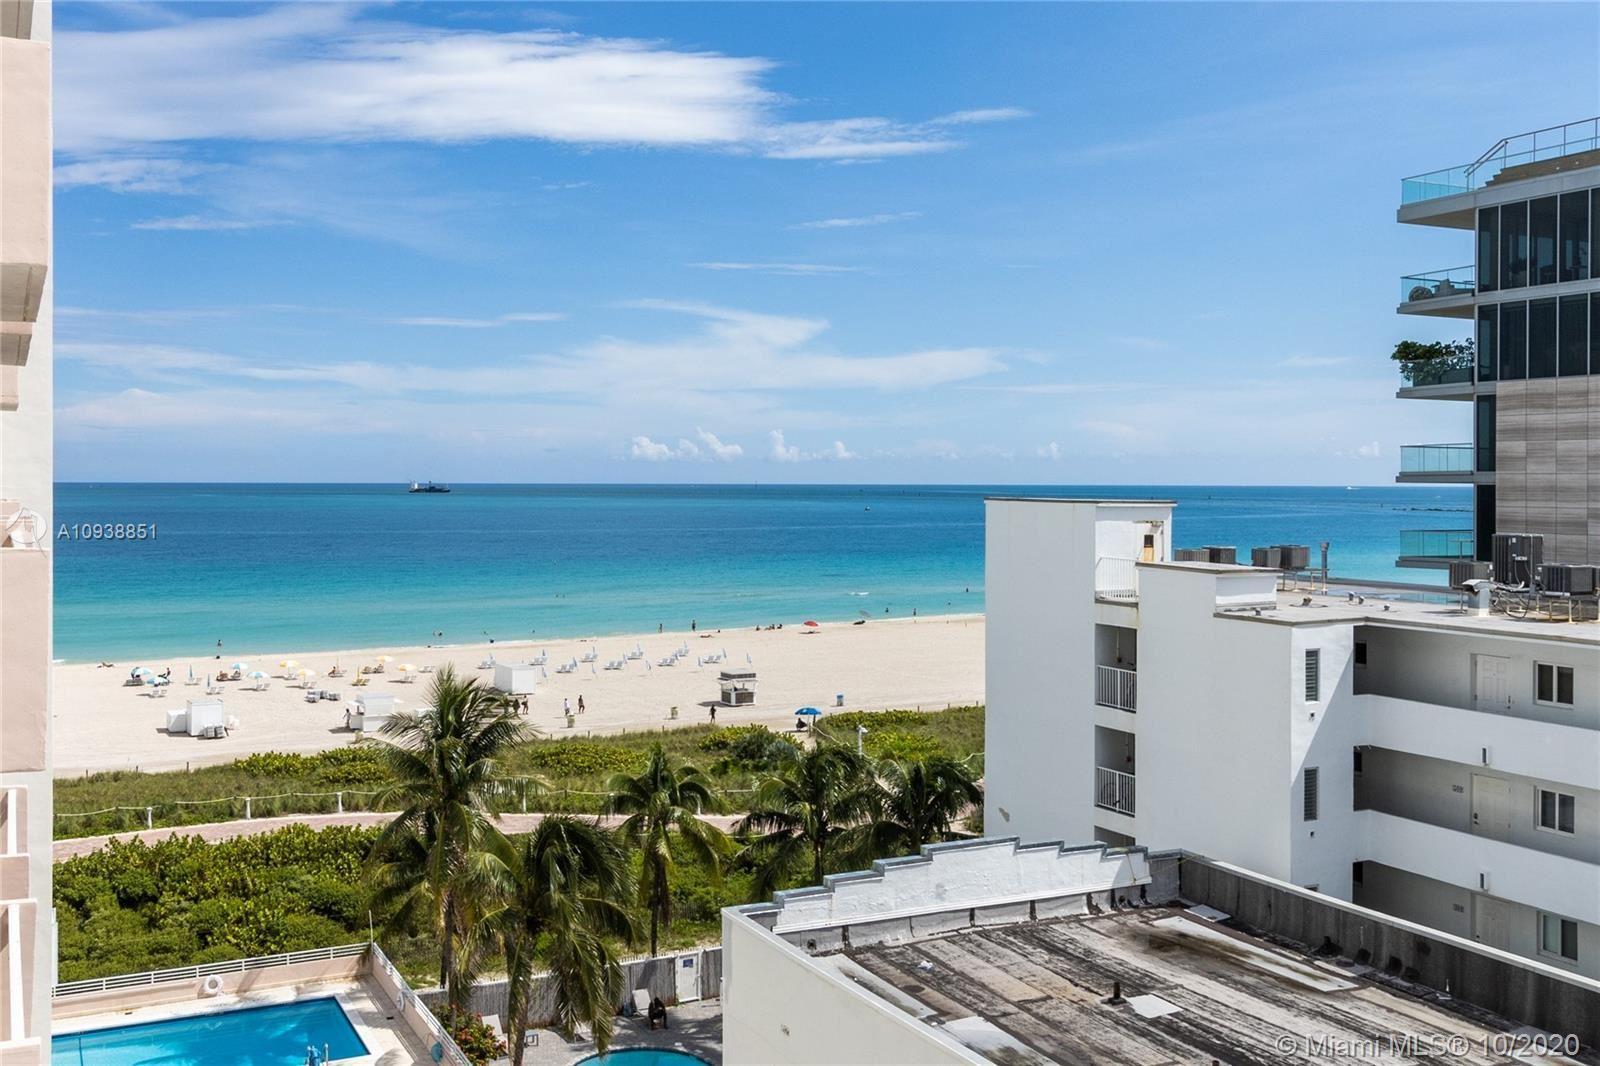 345 Ocean Dr #810, Miami Beach, FL 33139 - #: A10938851